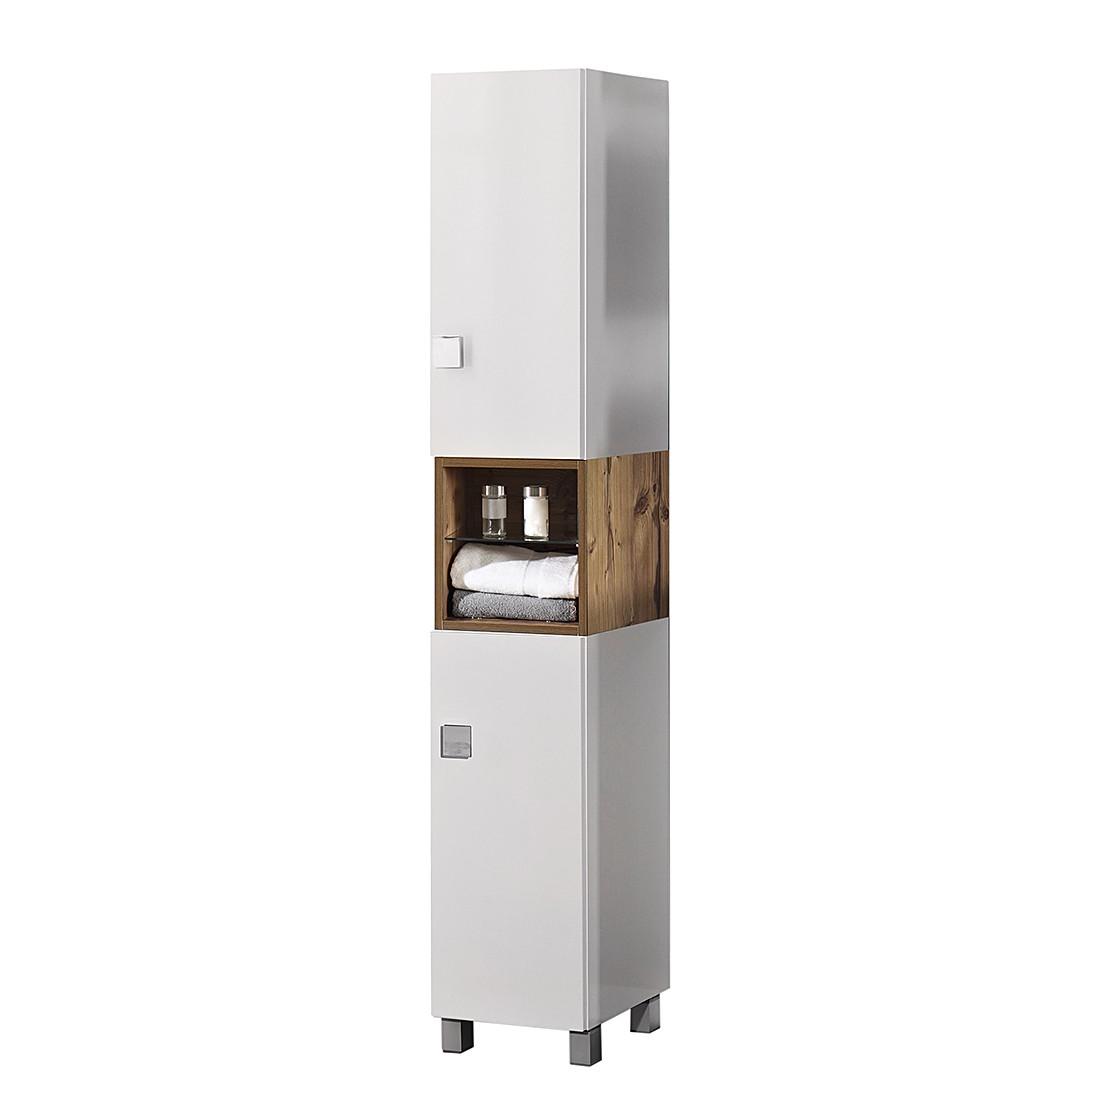 Image of Armadietto alto Toronto - Bianco lucido/Effetto legno di abete argentato, Schildmeyer